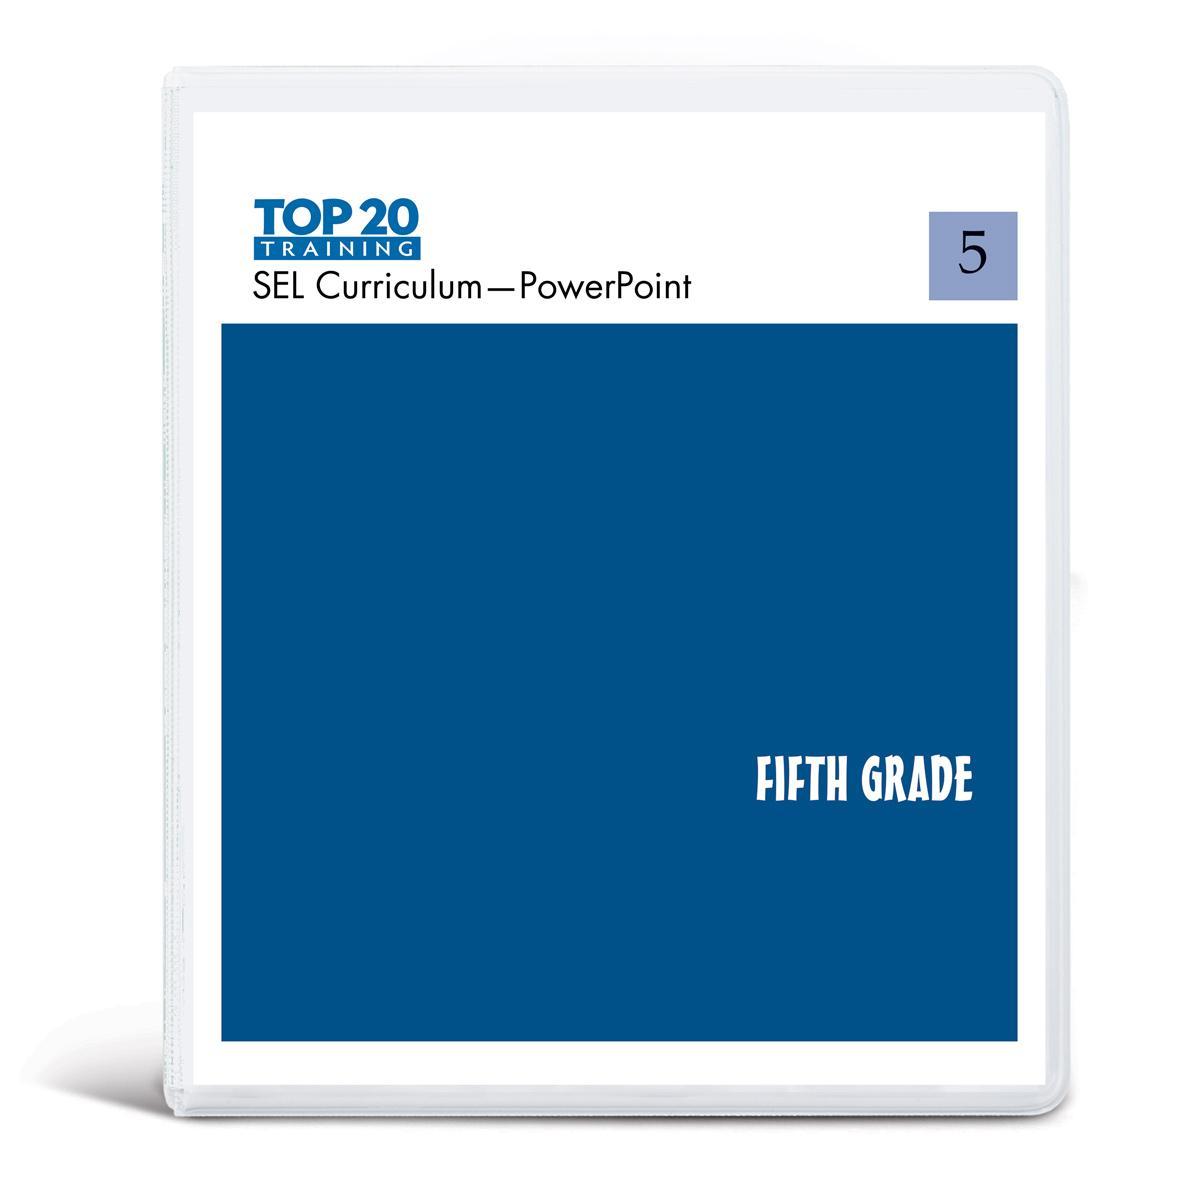 Top 20 teachers PowerPoint curriculum for fifth grade